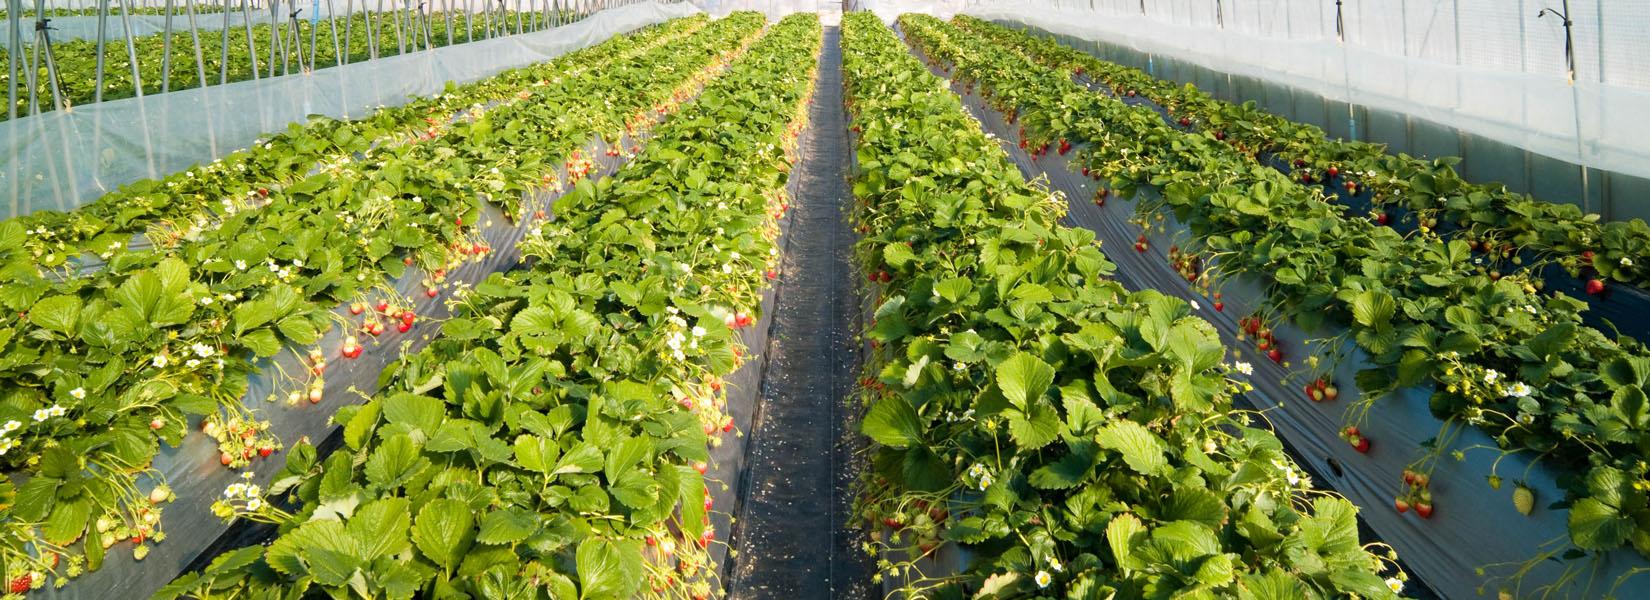 Теплицы: овощеводство и цветоводство, гидропоника и 63